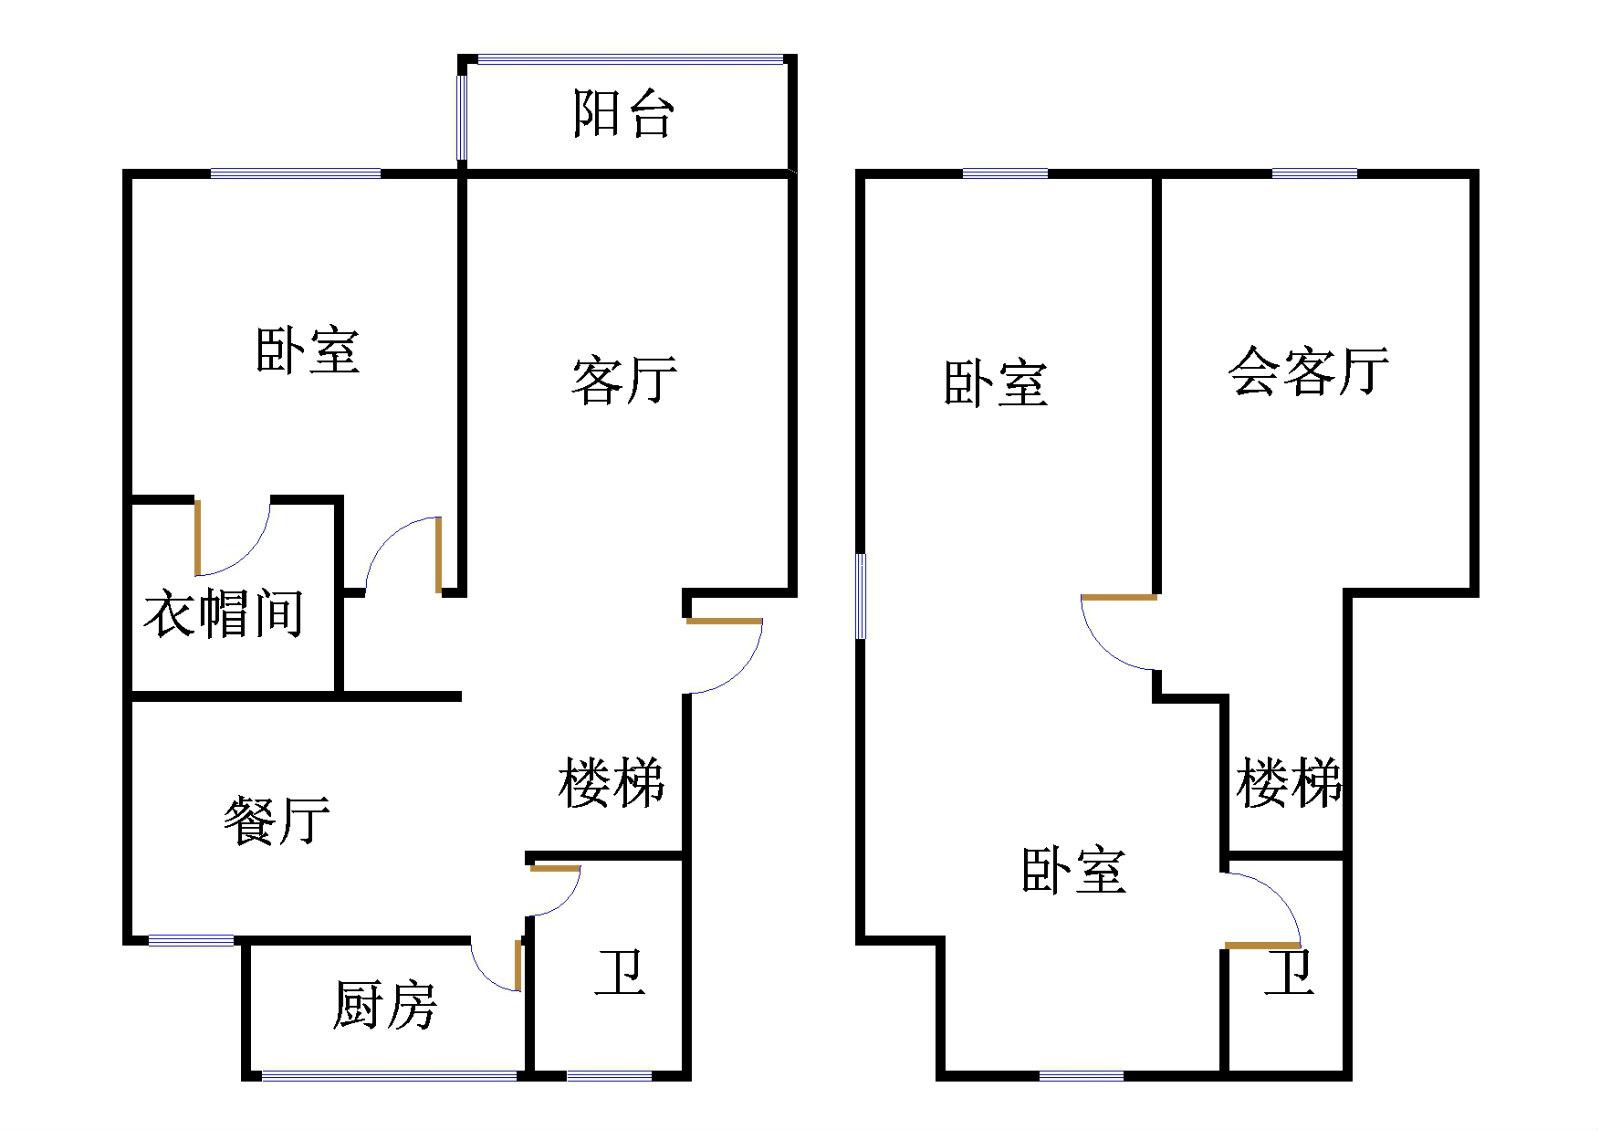 高地世纪城 4室2厅 双证齐全 精装 140万